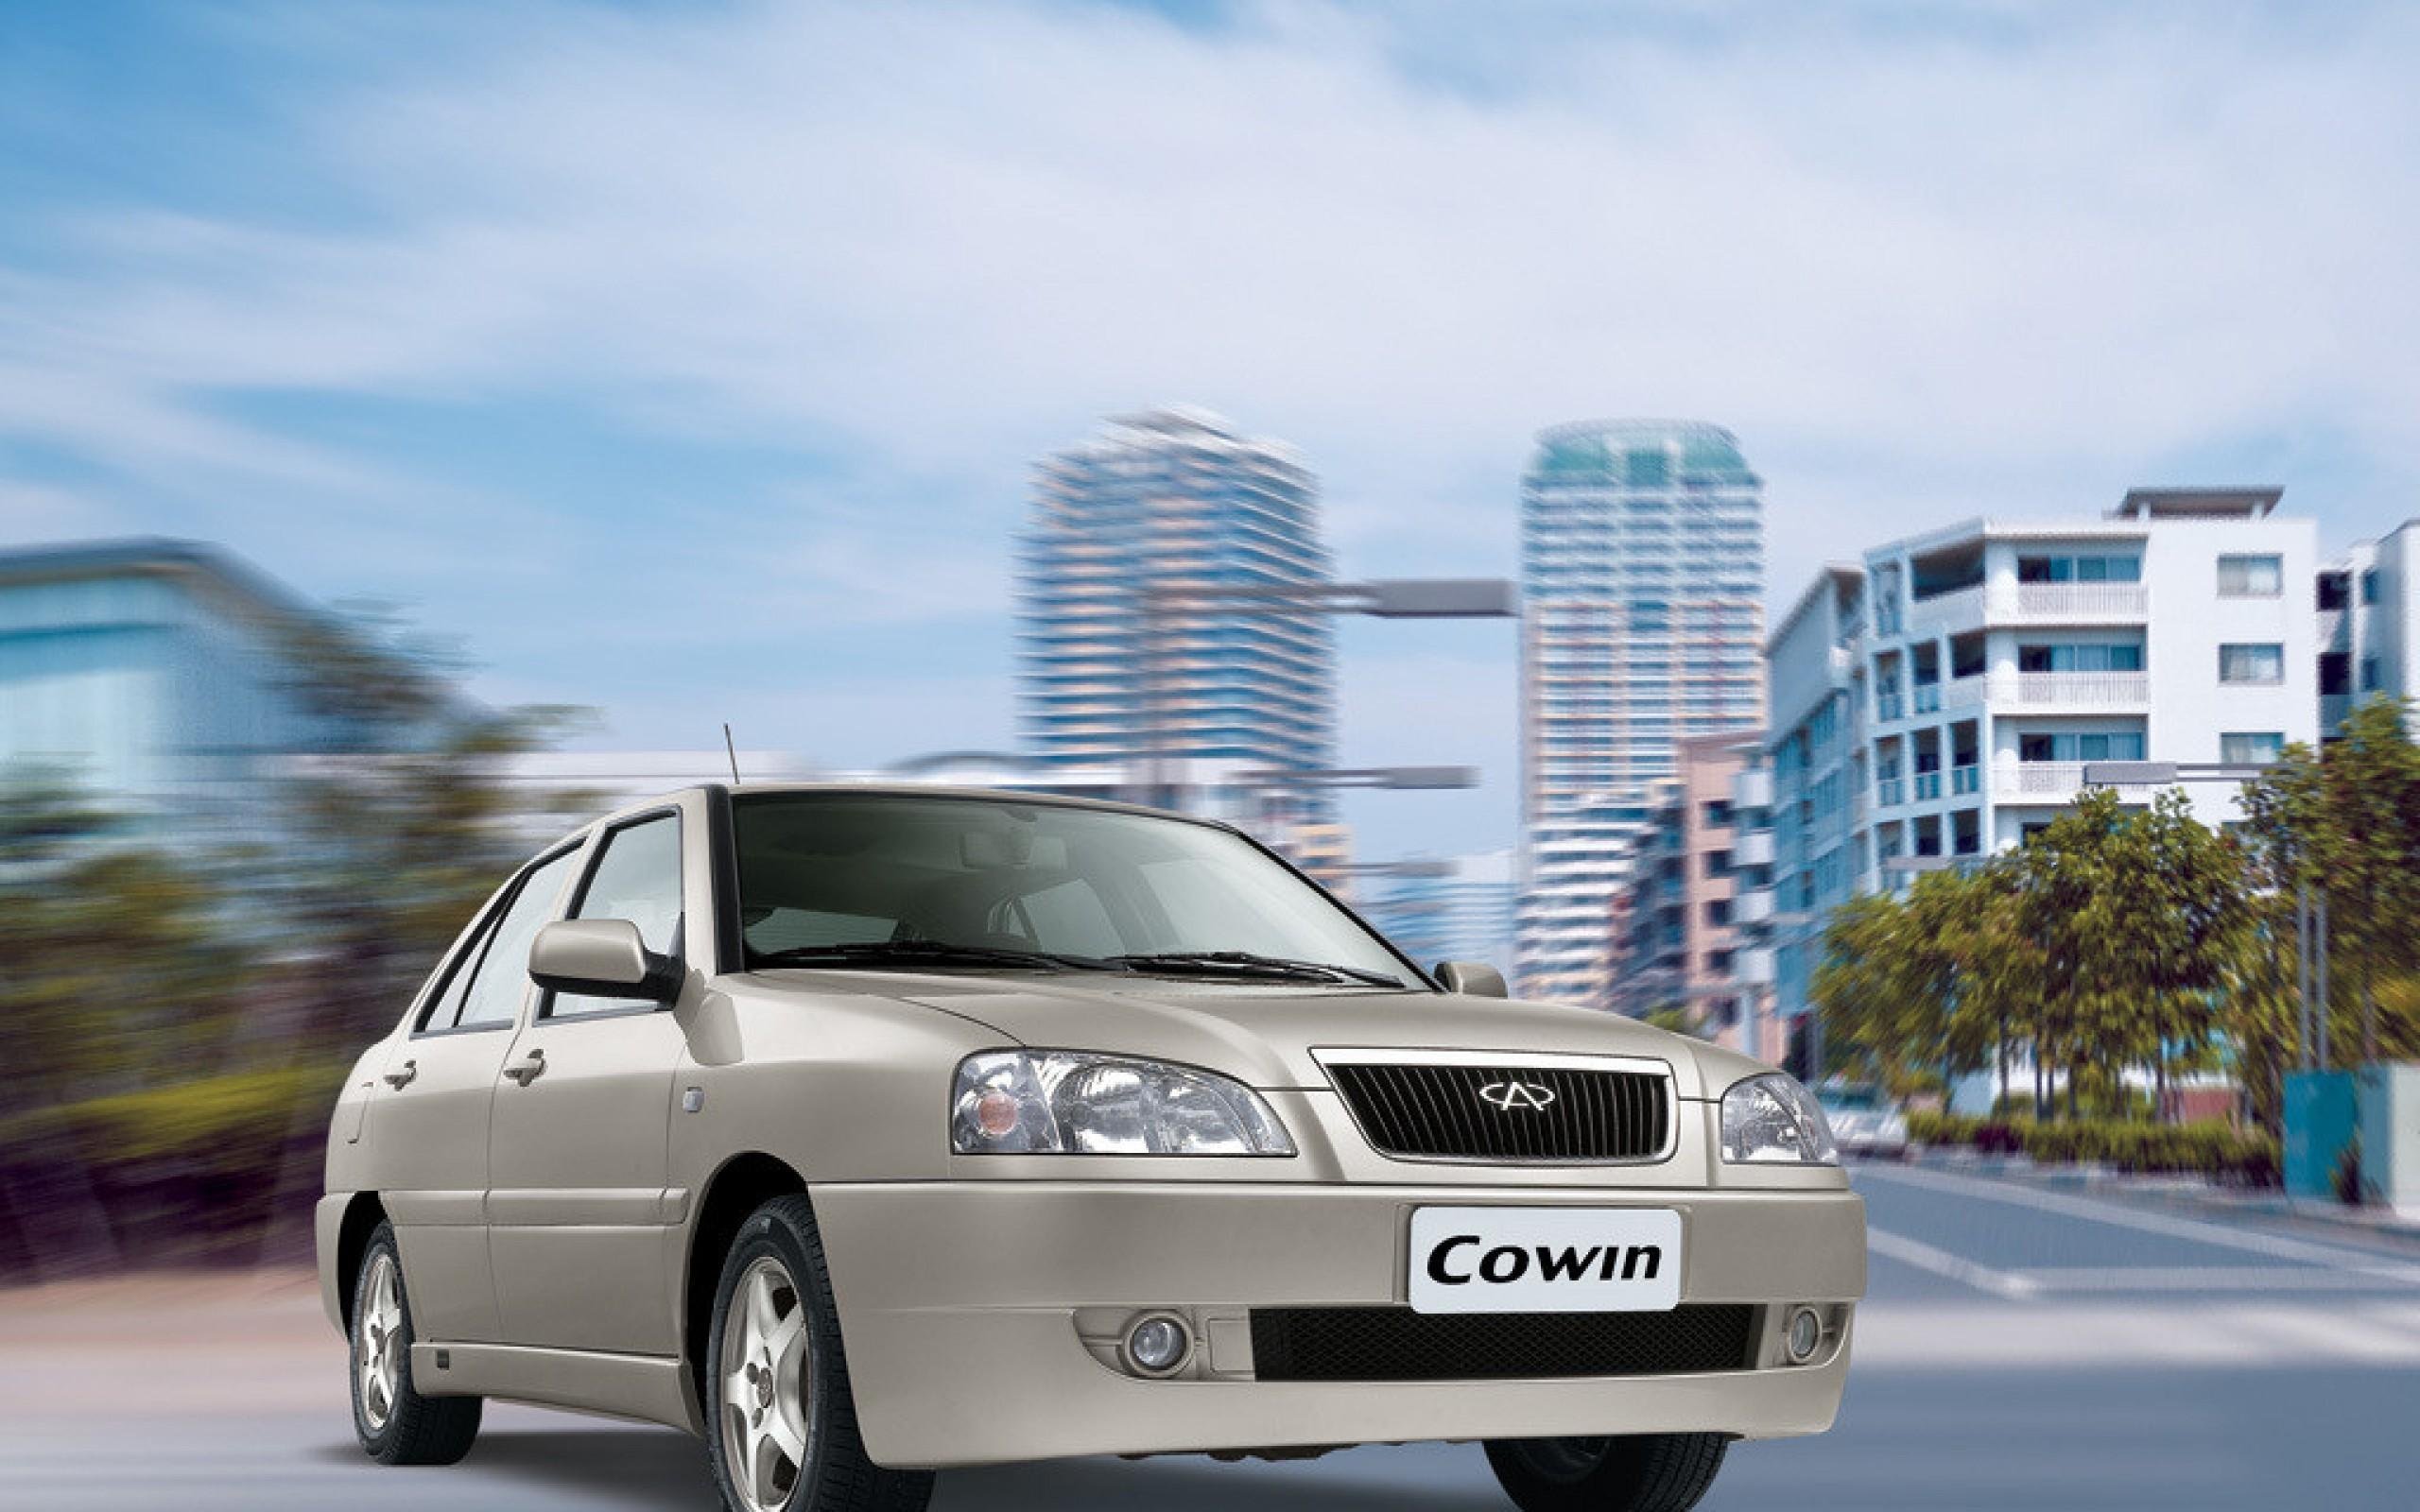 Новый Cowin X5 появится в продаже уже в 2018 году